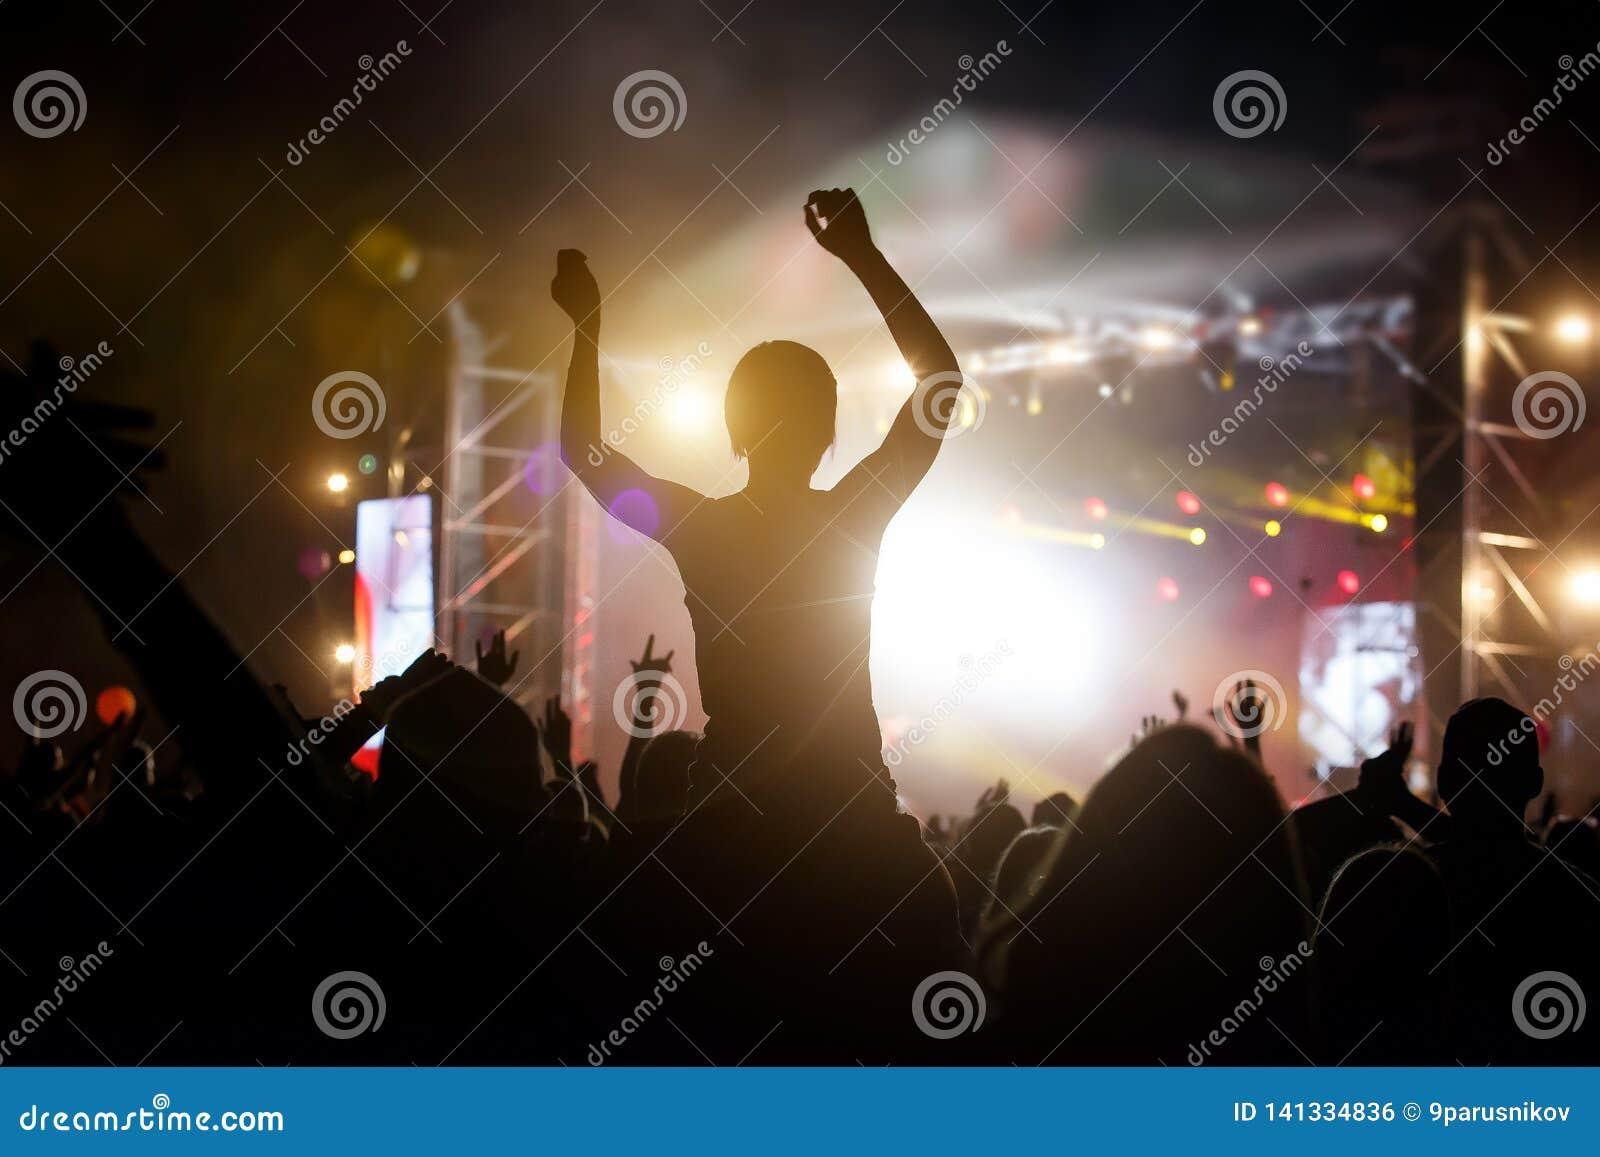 人群的照片,享受摇滚乐音乐会的人们,提高了手和拍手乐趣,活跃夜生活概念